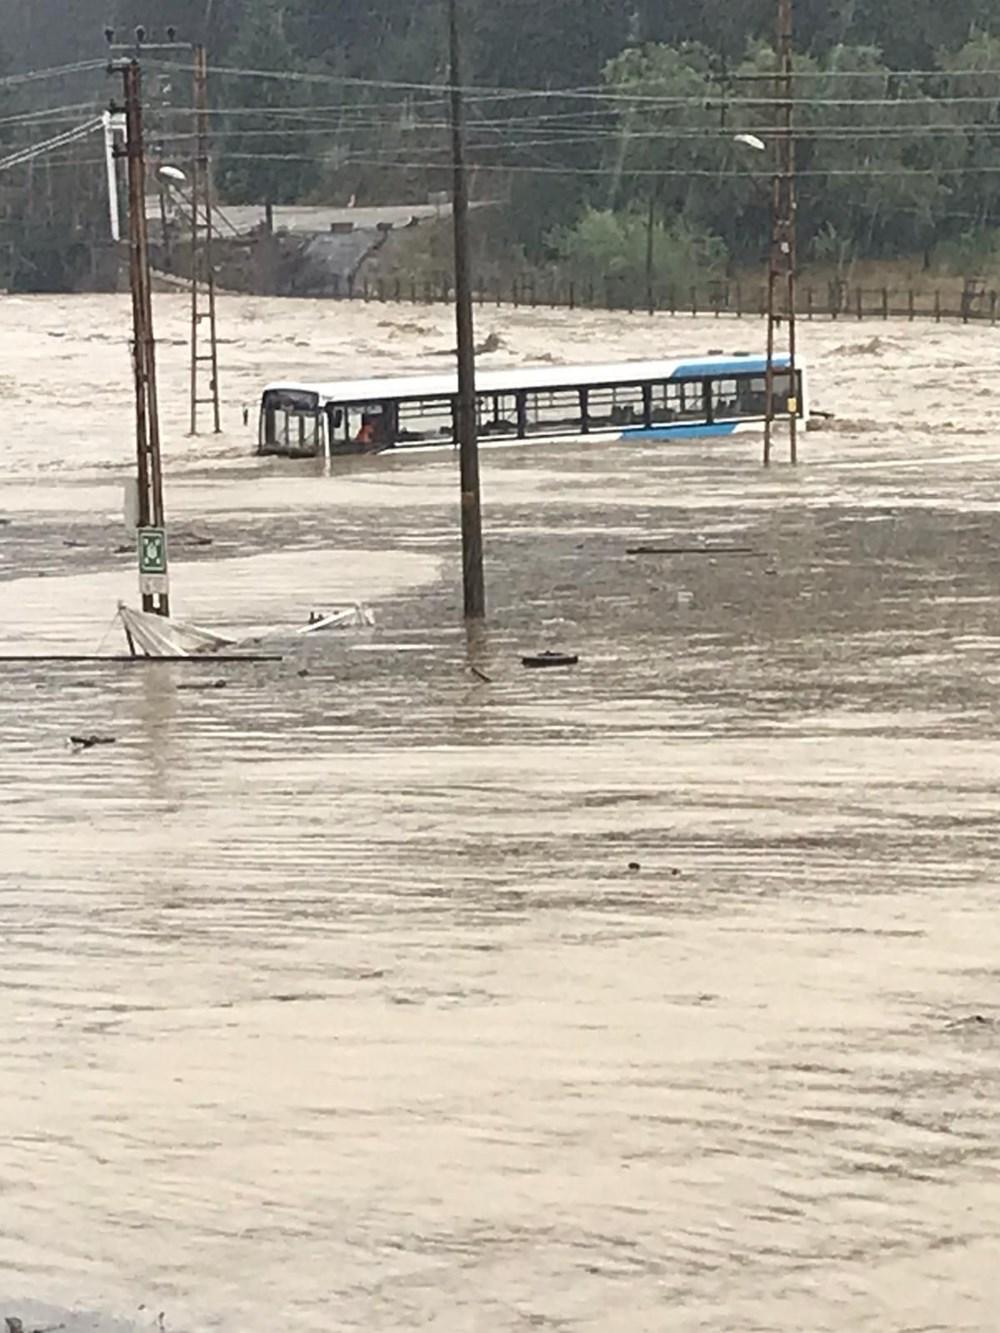 Batı Karadeniz'i sel vurdu: 13 yaşındaki kız çocuğu selde kayboldu - 18